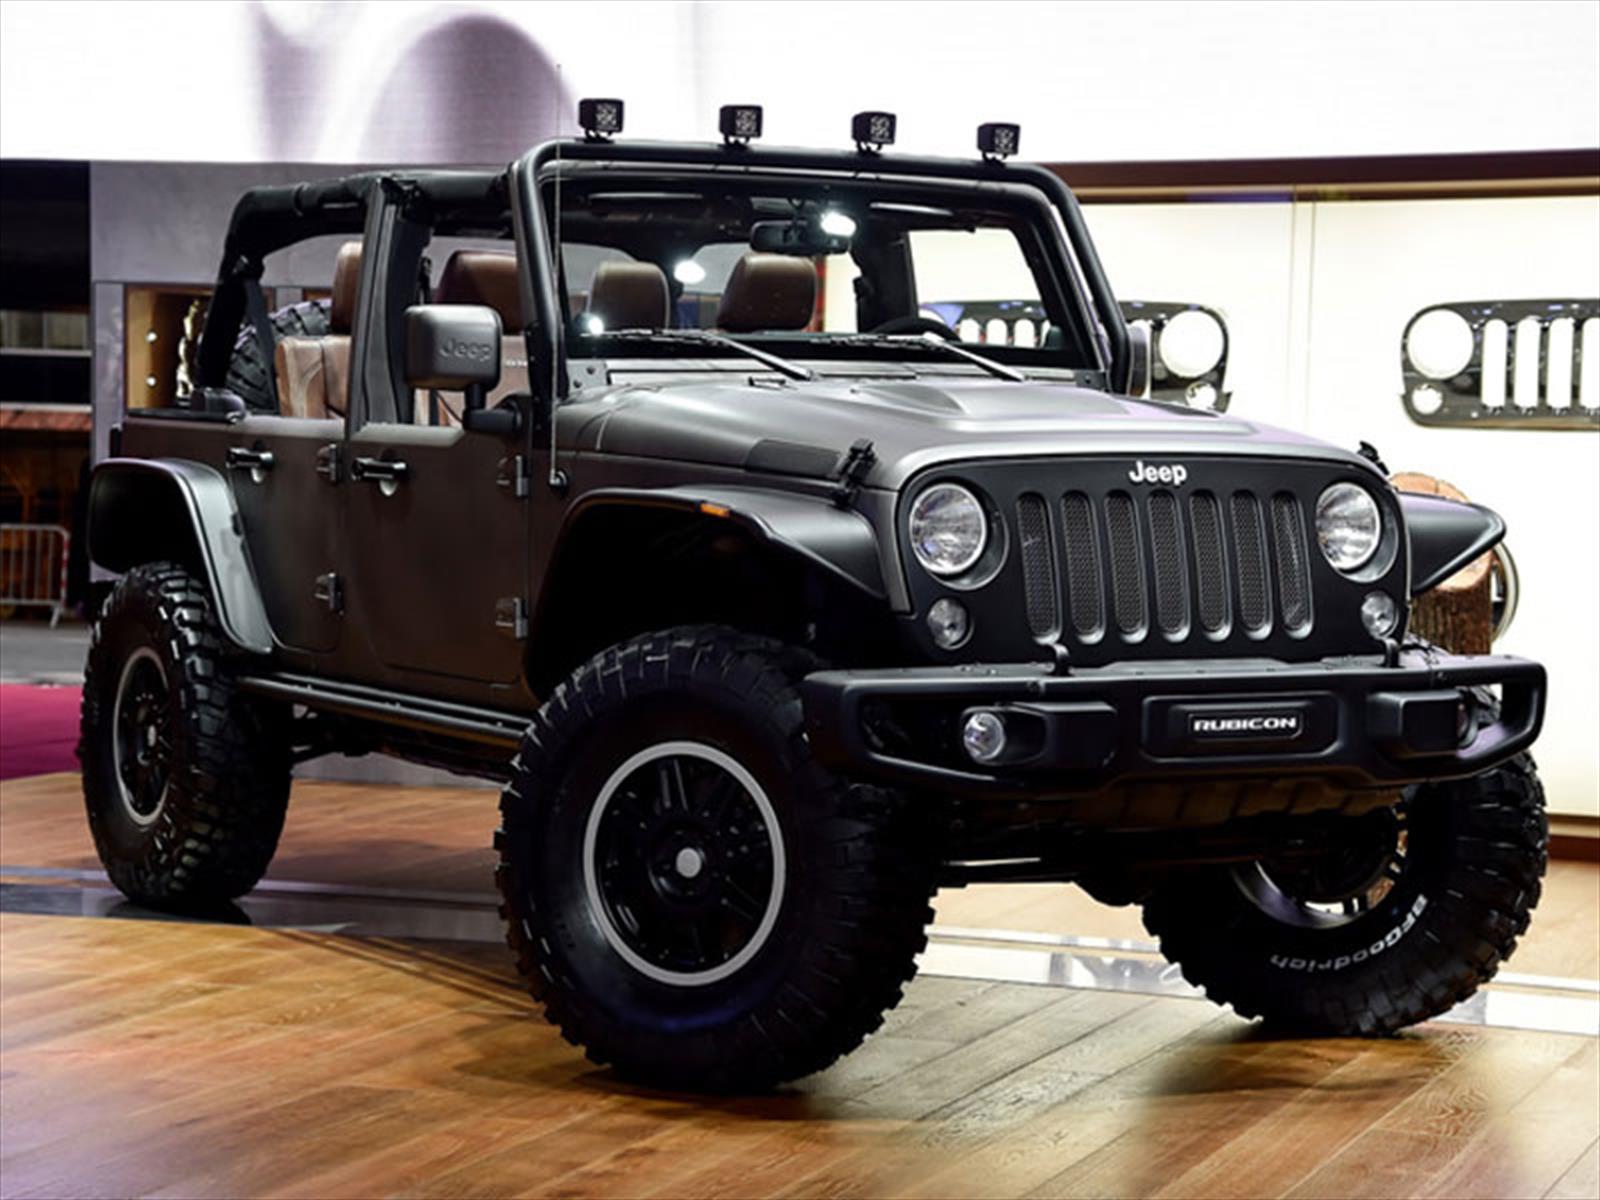 sal n de par s 2014 jeep wrangler unlimited rubicon stealth study noticias novedades y. Black Bedroom Furniture Sets. Home Design Ideas